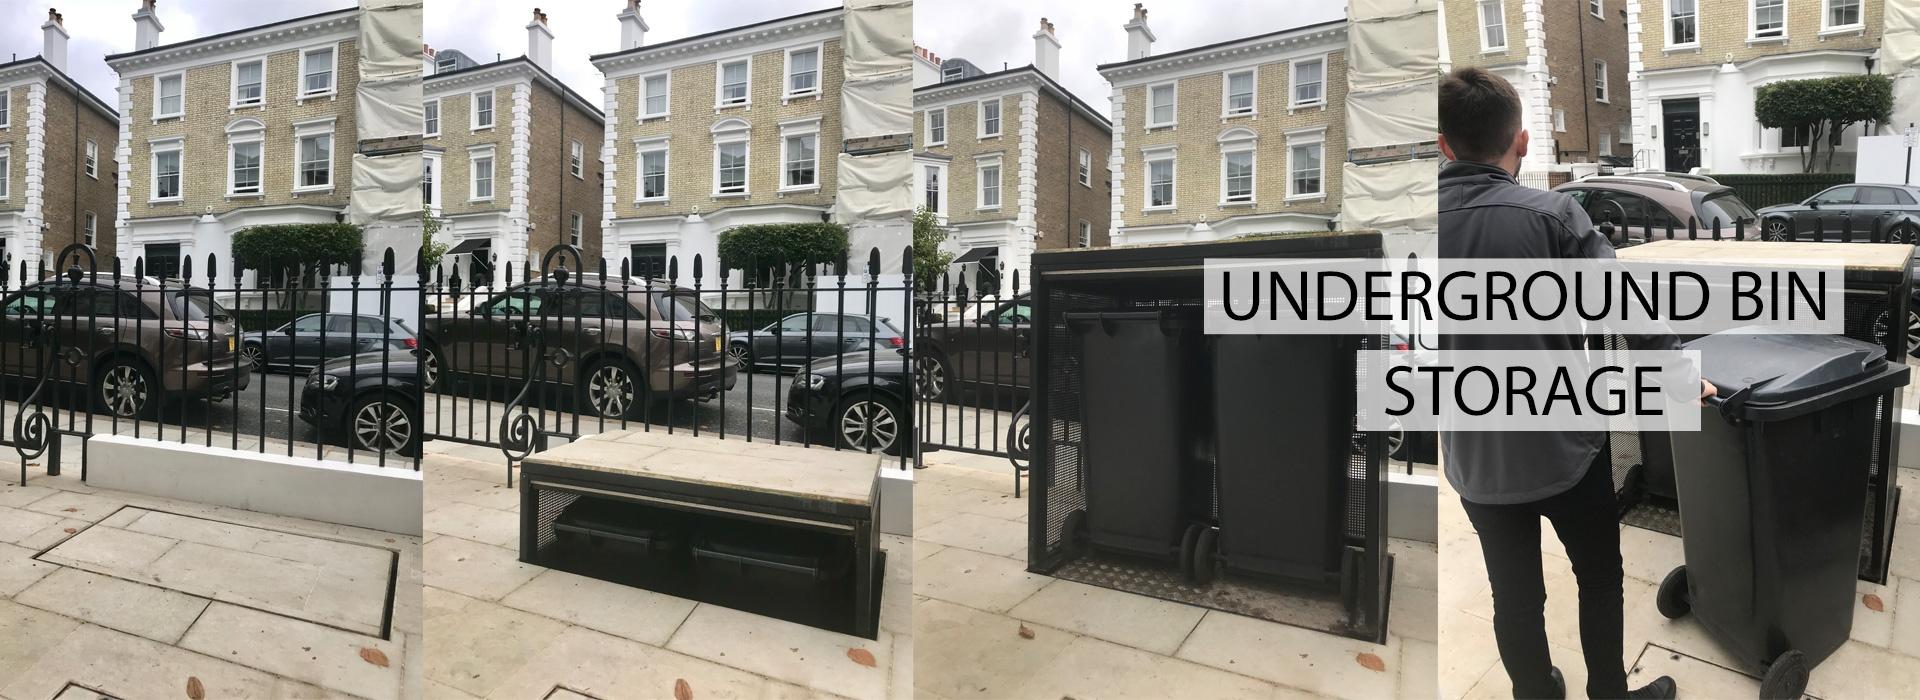 Underground Bin Storage